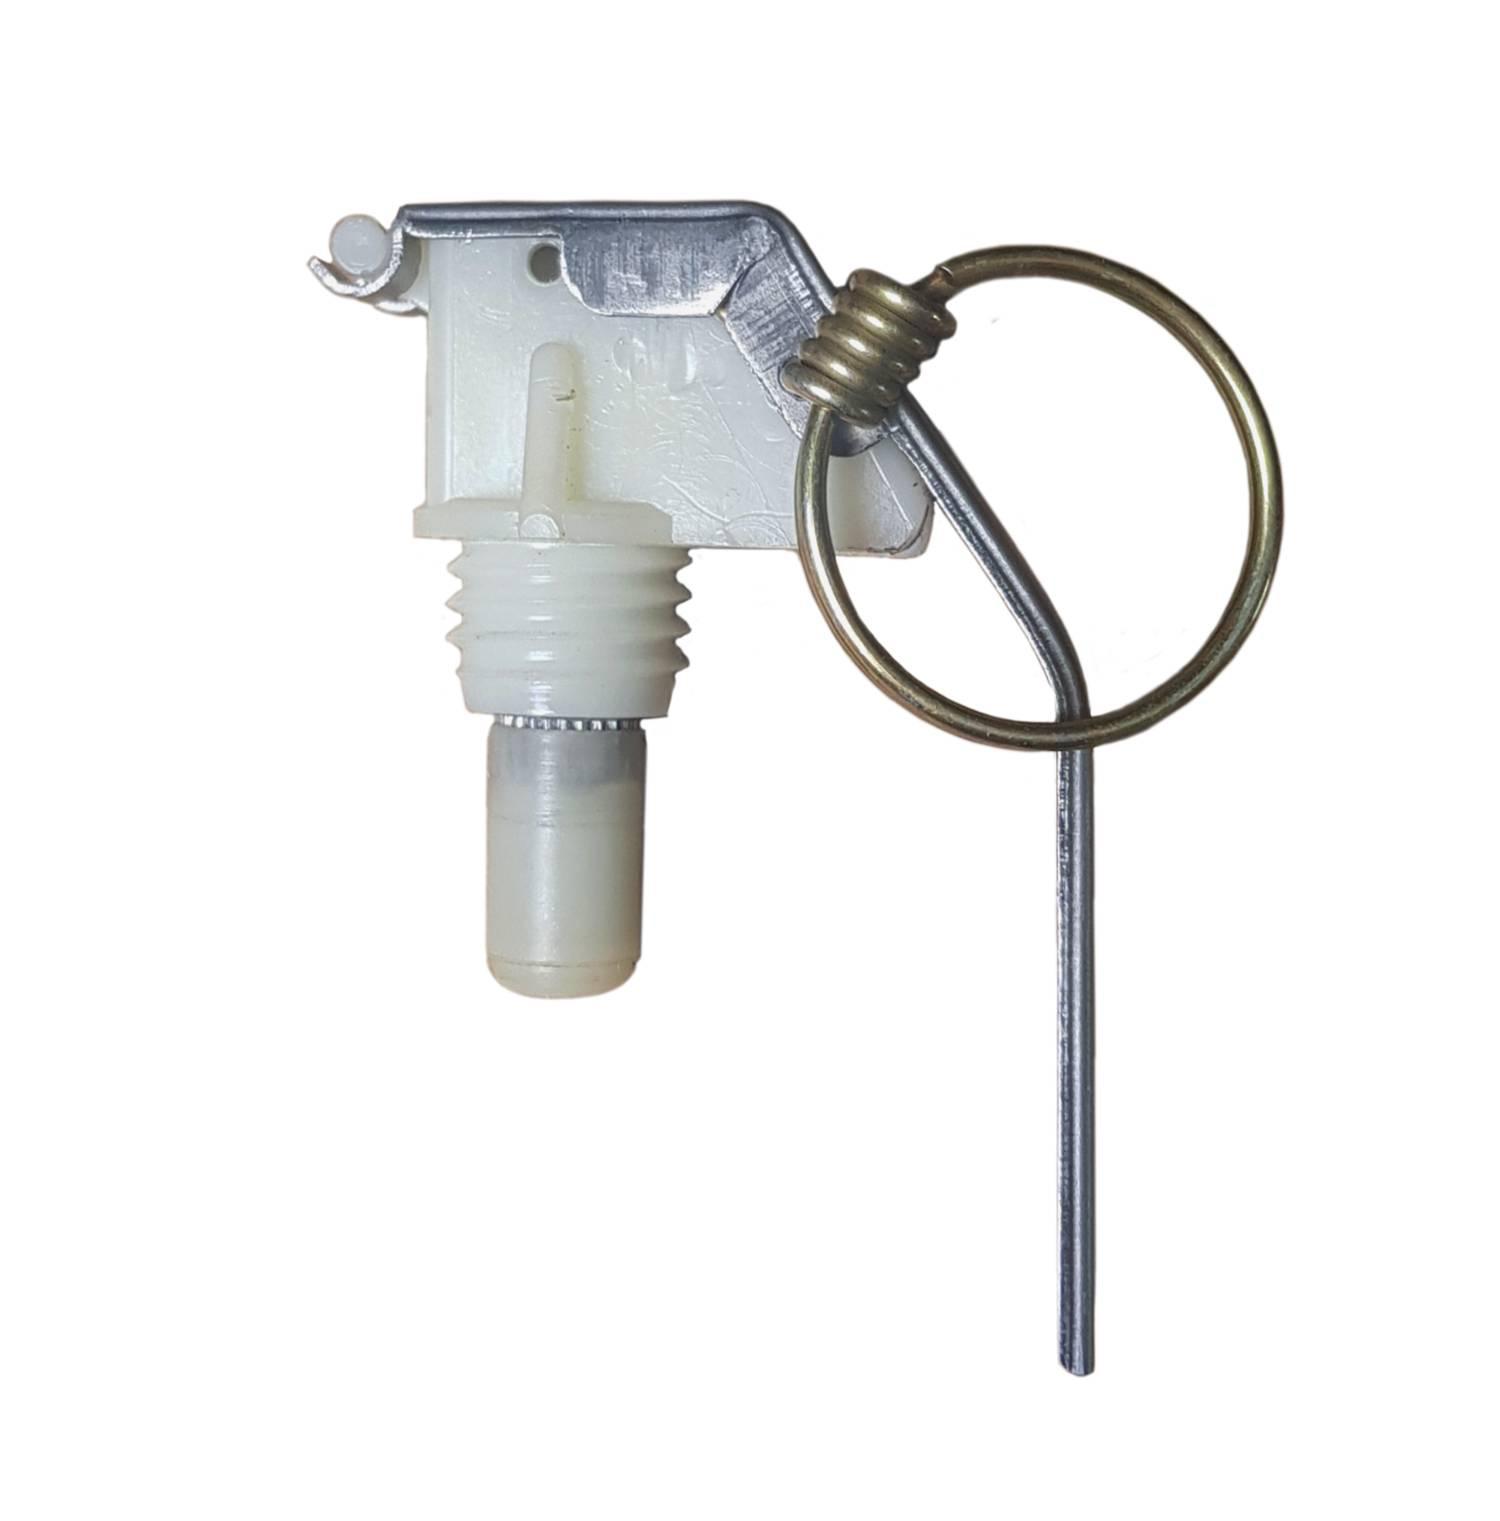 Запалы для ручных гранат ADQ-1, ADQ-2